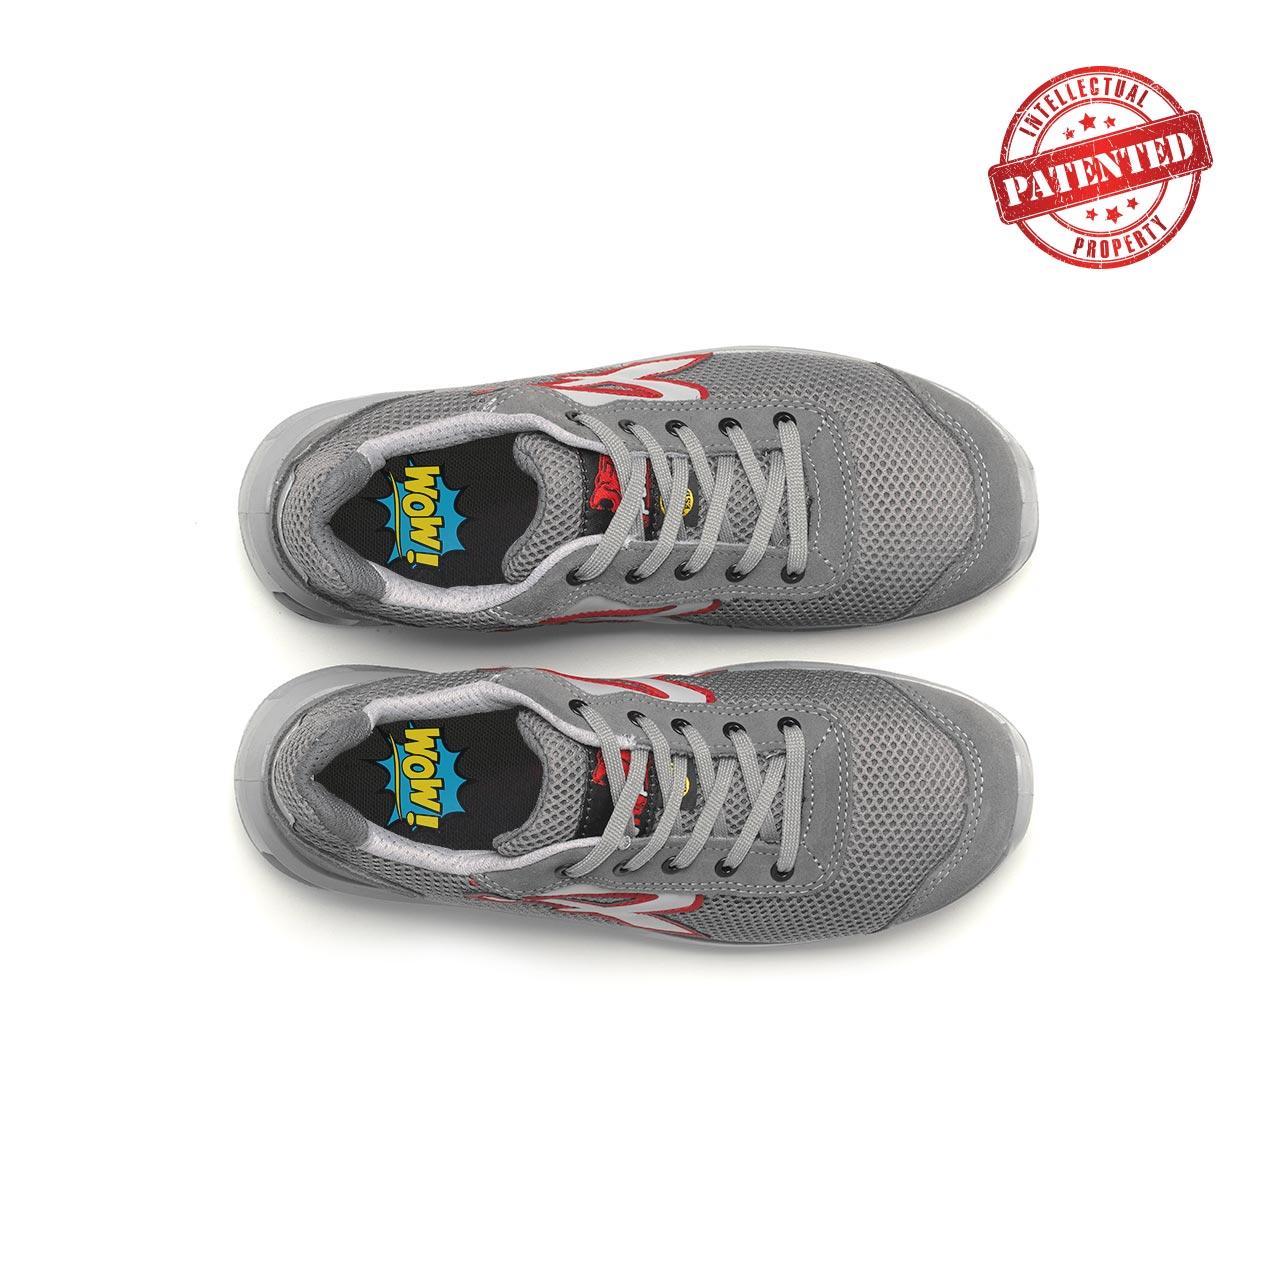 paio di scarpe antinfortunistiche upower modello frequency linea redlion vista top